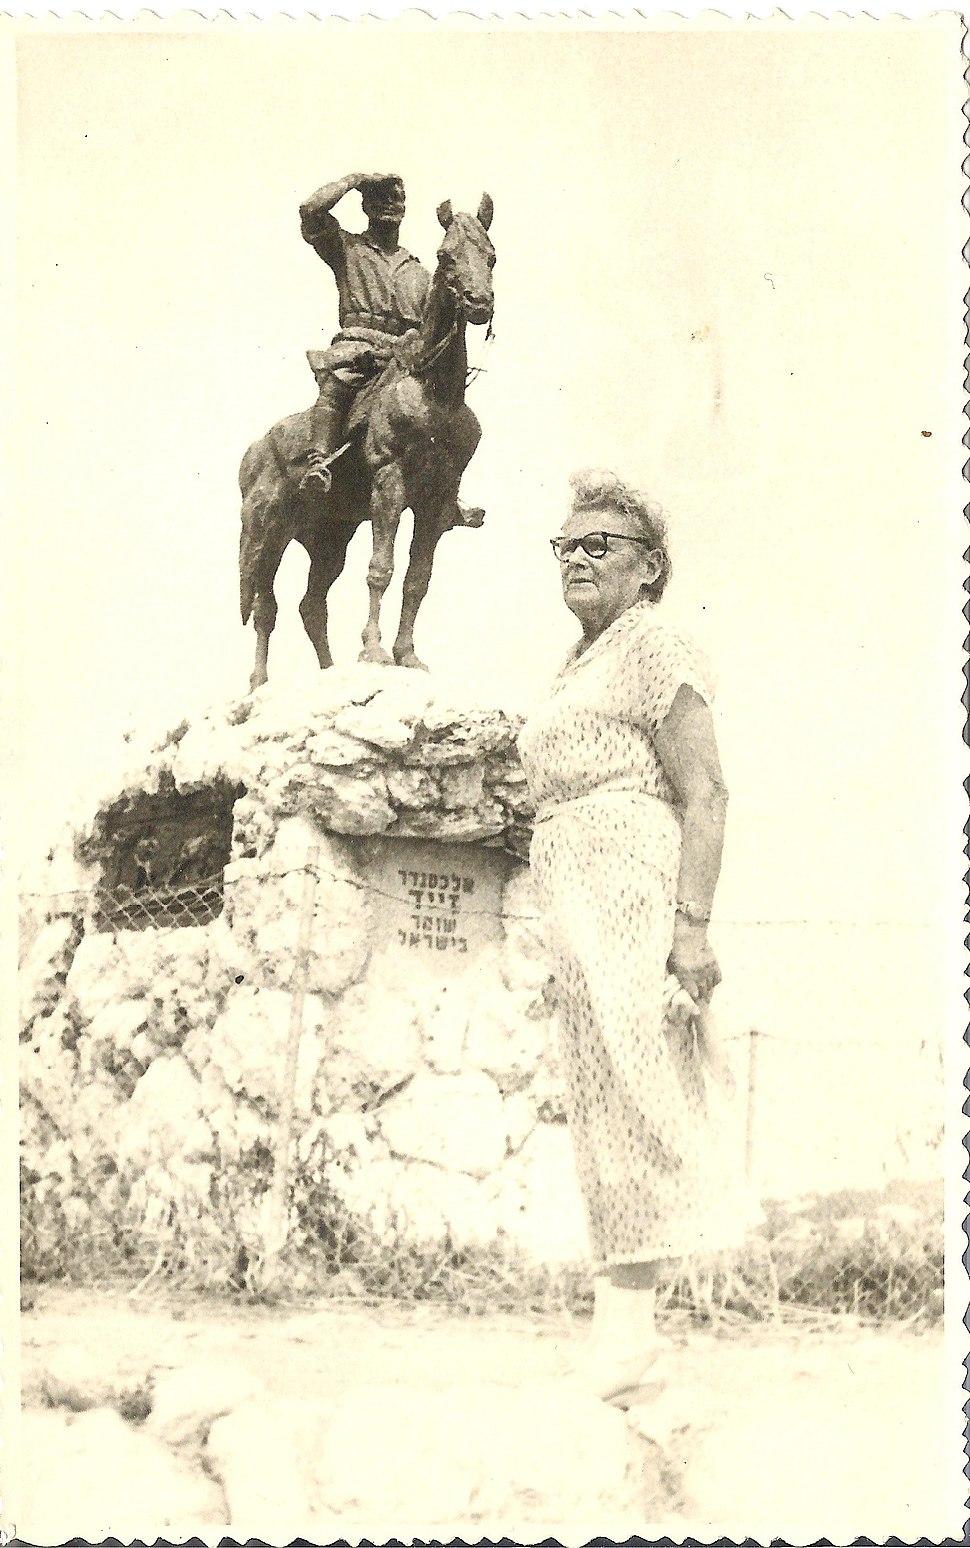 ציפורה זייד בתמונה ליד האנדרטה של בעלה המנוח אלכסנדר זייד